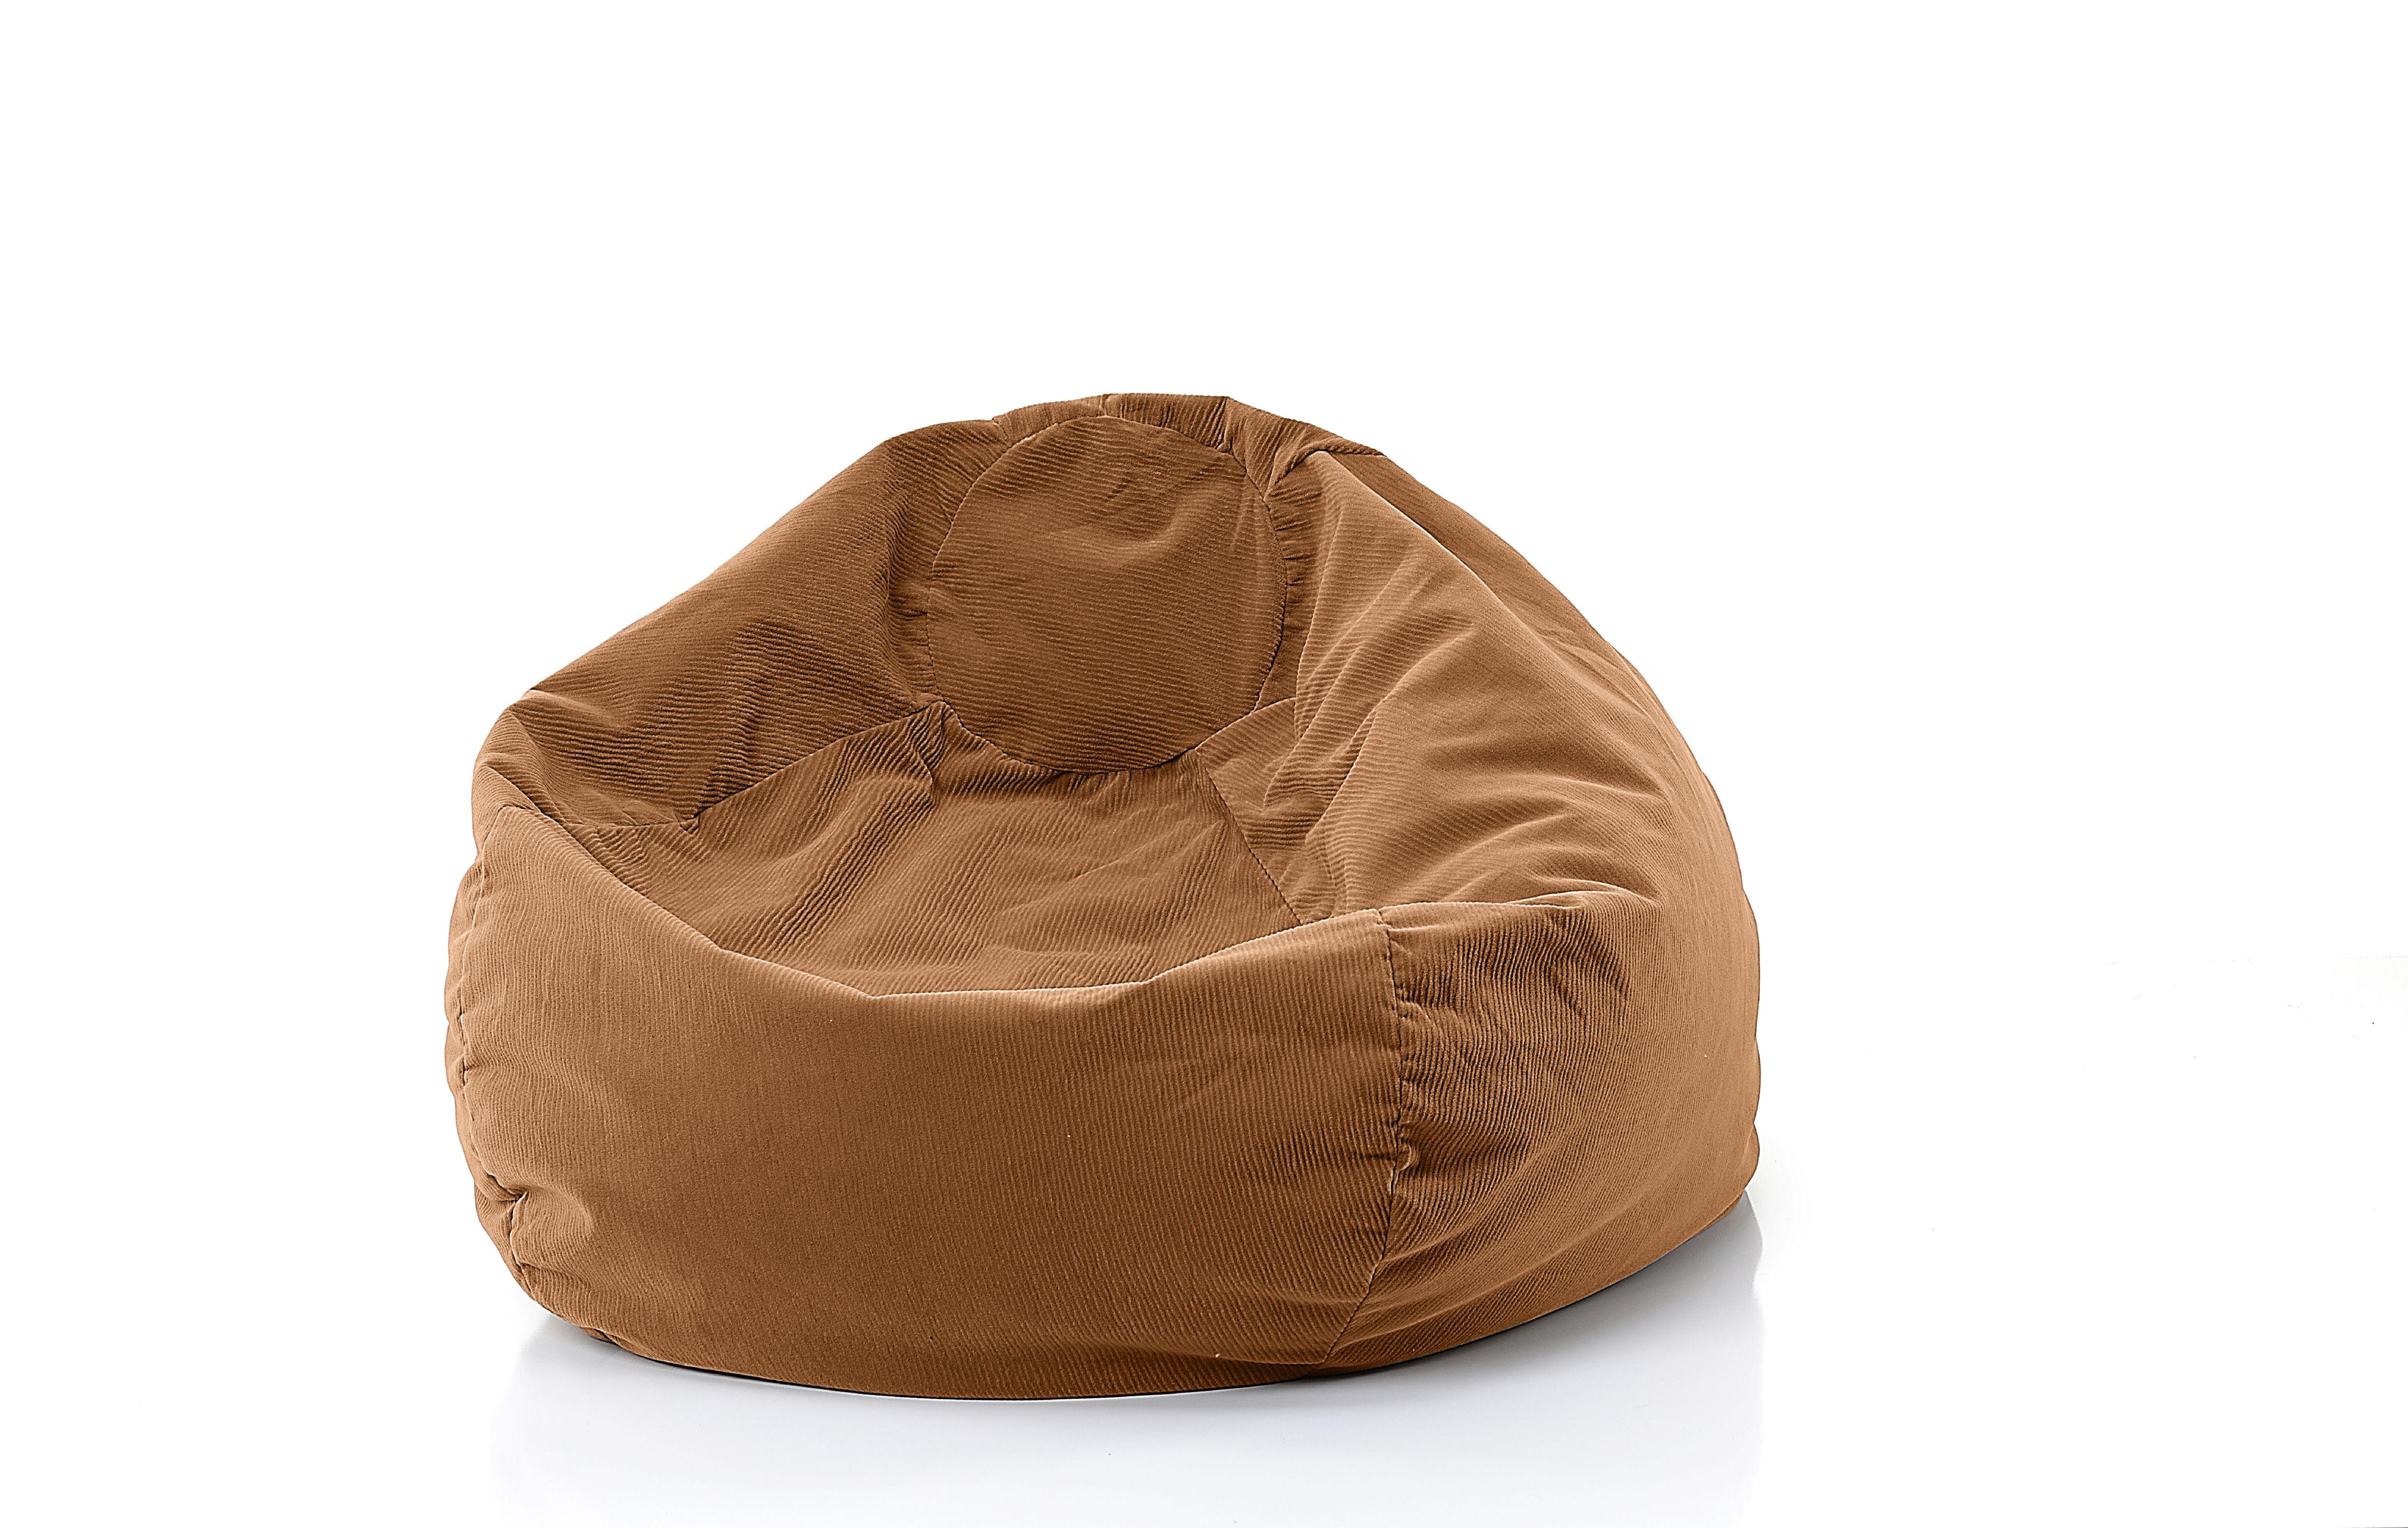 Gold Medal 30008459102 Fashion Small Corduroy Bean Bag Chair,Tan